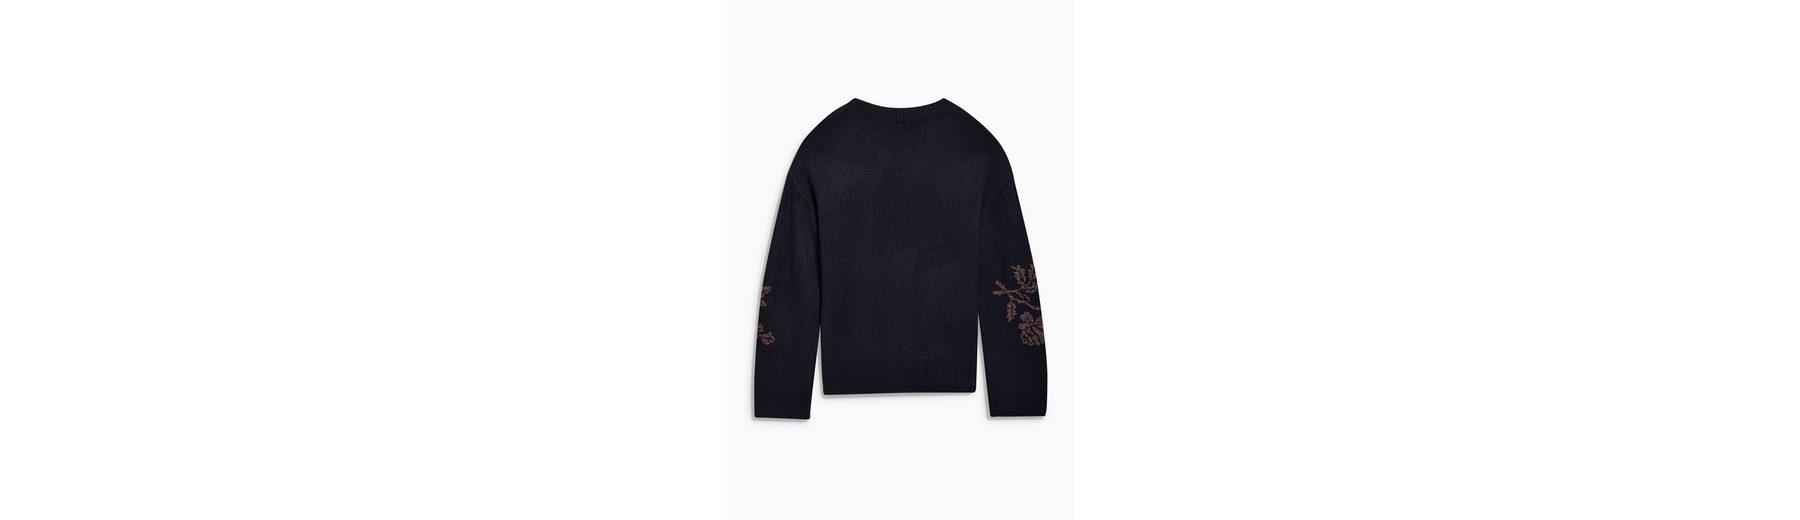 Next Pullover mit Stickerei Spielraum Veröffentlichungstermine Factory Outlet Günstig Online Rn9dm1qlEo